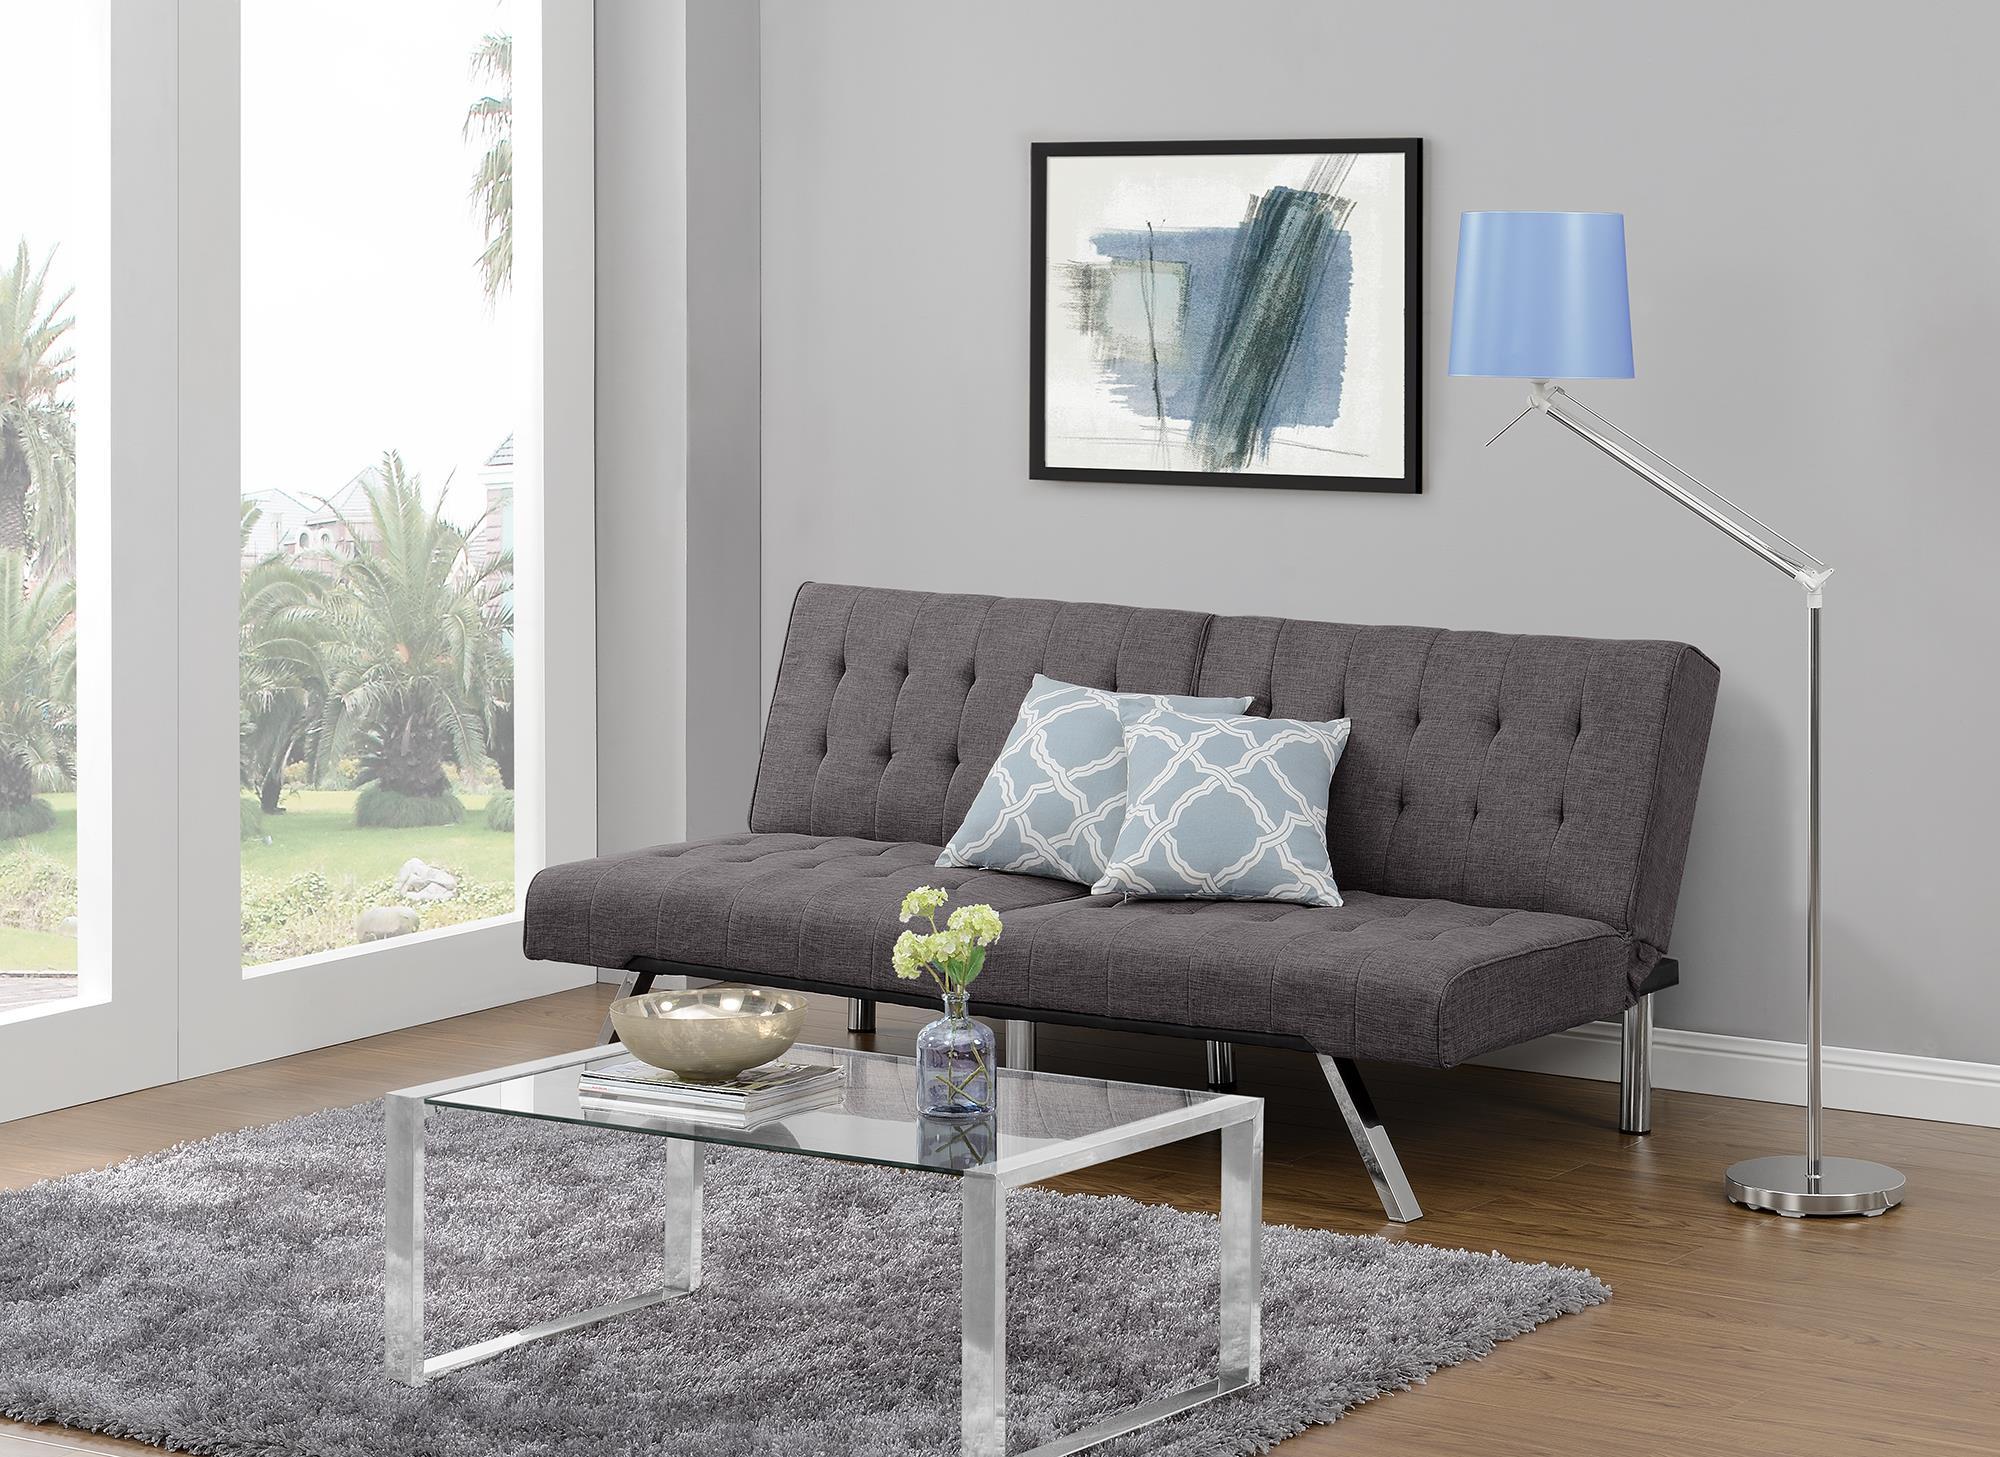 Dorel Home Furnishings Emily Gray Linen Splitback Convertible